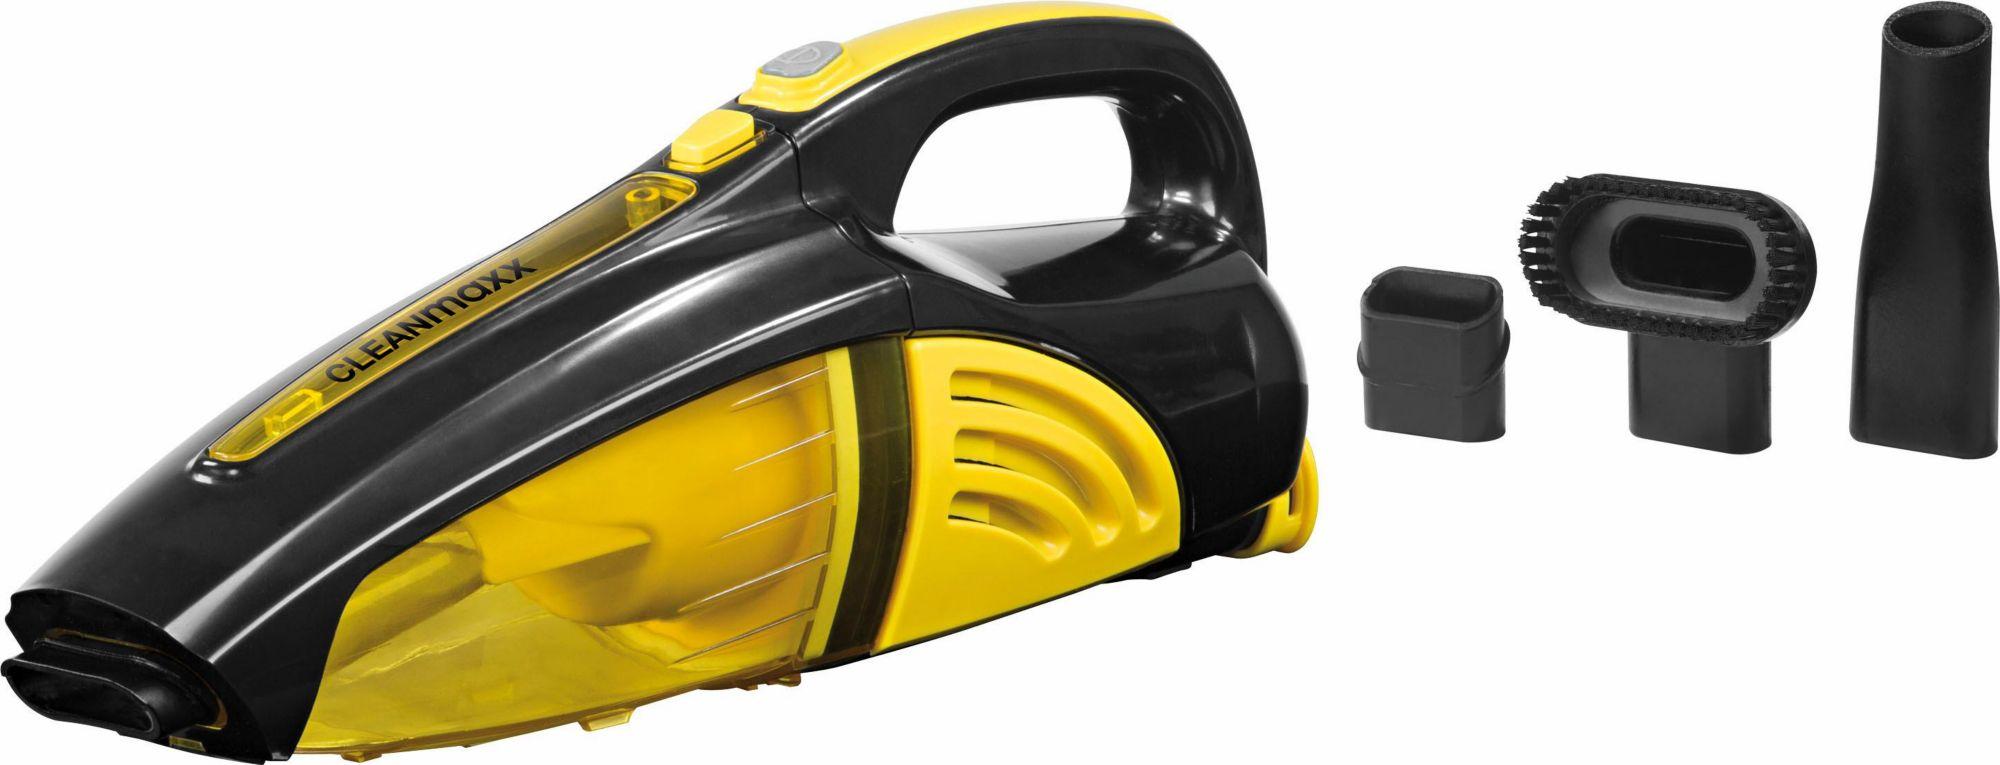 CLEAN MAXX Clean Maxx Akku-Handstaubsauger 2in1, nass/trocken, 7,4V, gelb/schwarz